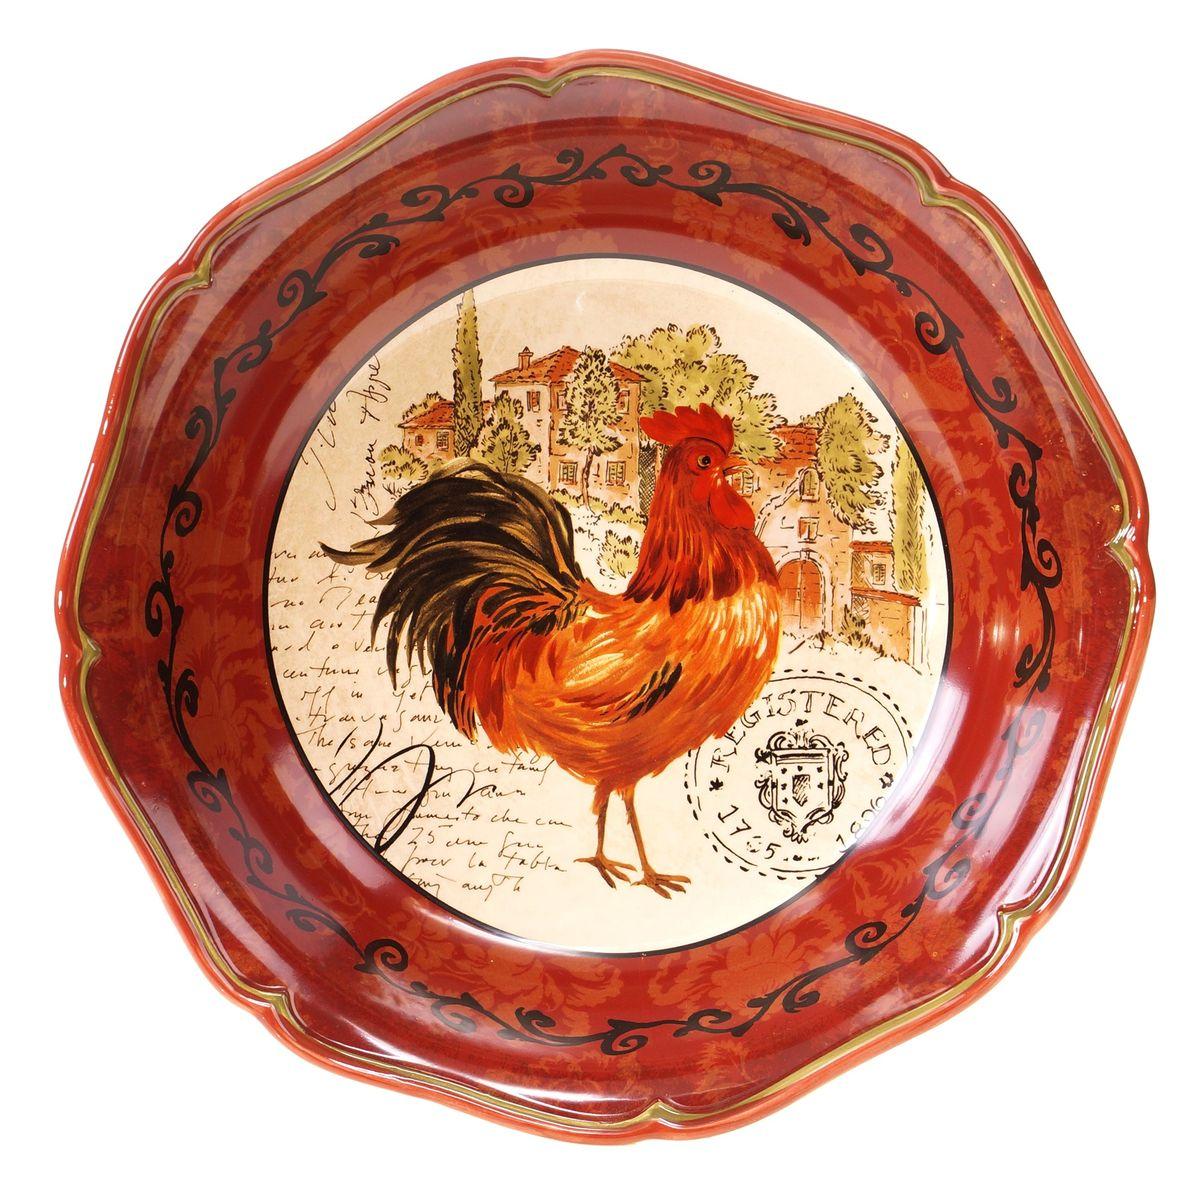 Блюдо Certified International Тосканский петух, диаметр 33 см63211Блюдо Certified International Тосканский петух, изготовленное из керамики, отлично подойдет для красивой сервировки различных блюд. Изделие придется по вкусу и ценителям классики, и тем, кто предпочитает утонченность и изысканность. Блюдо Certified International Тосканский петух идеально подойдет для сервировки стола и станет отличным подарком к любому празднику. Диаметр по верхнему краю: 33 см.